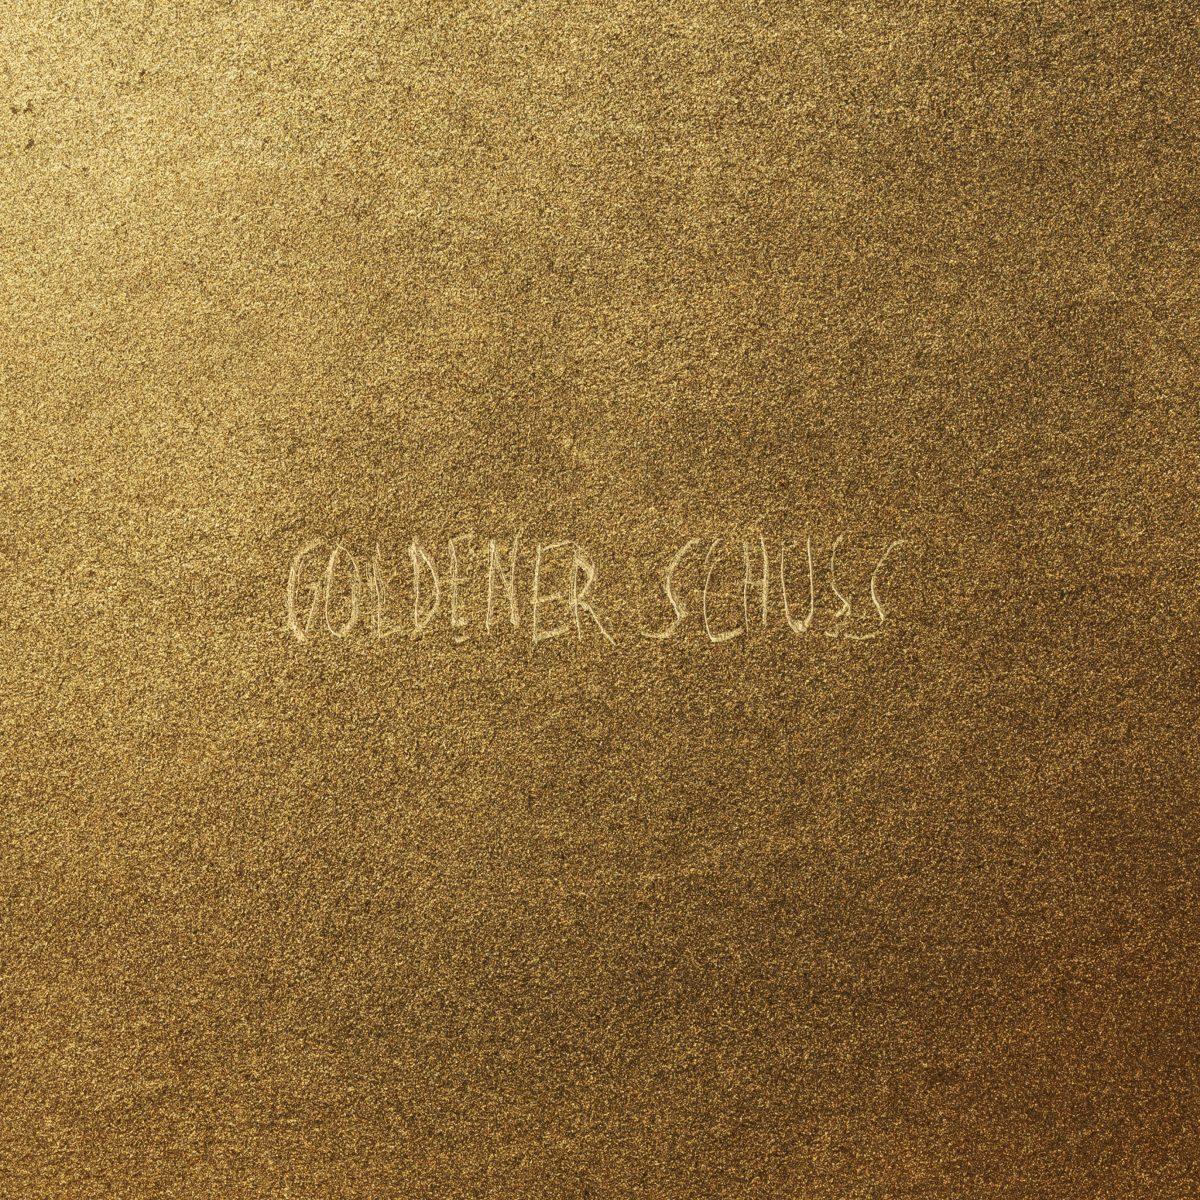 antiheld-goldener-schuss-zwischen-liebe-und-politik-album-review